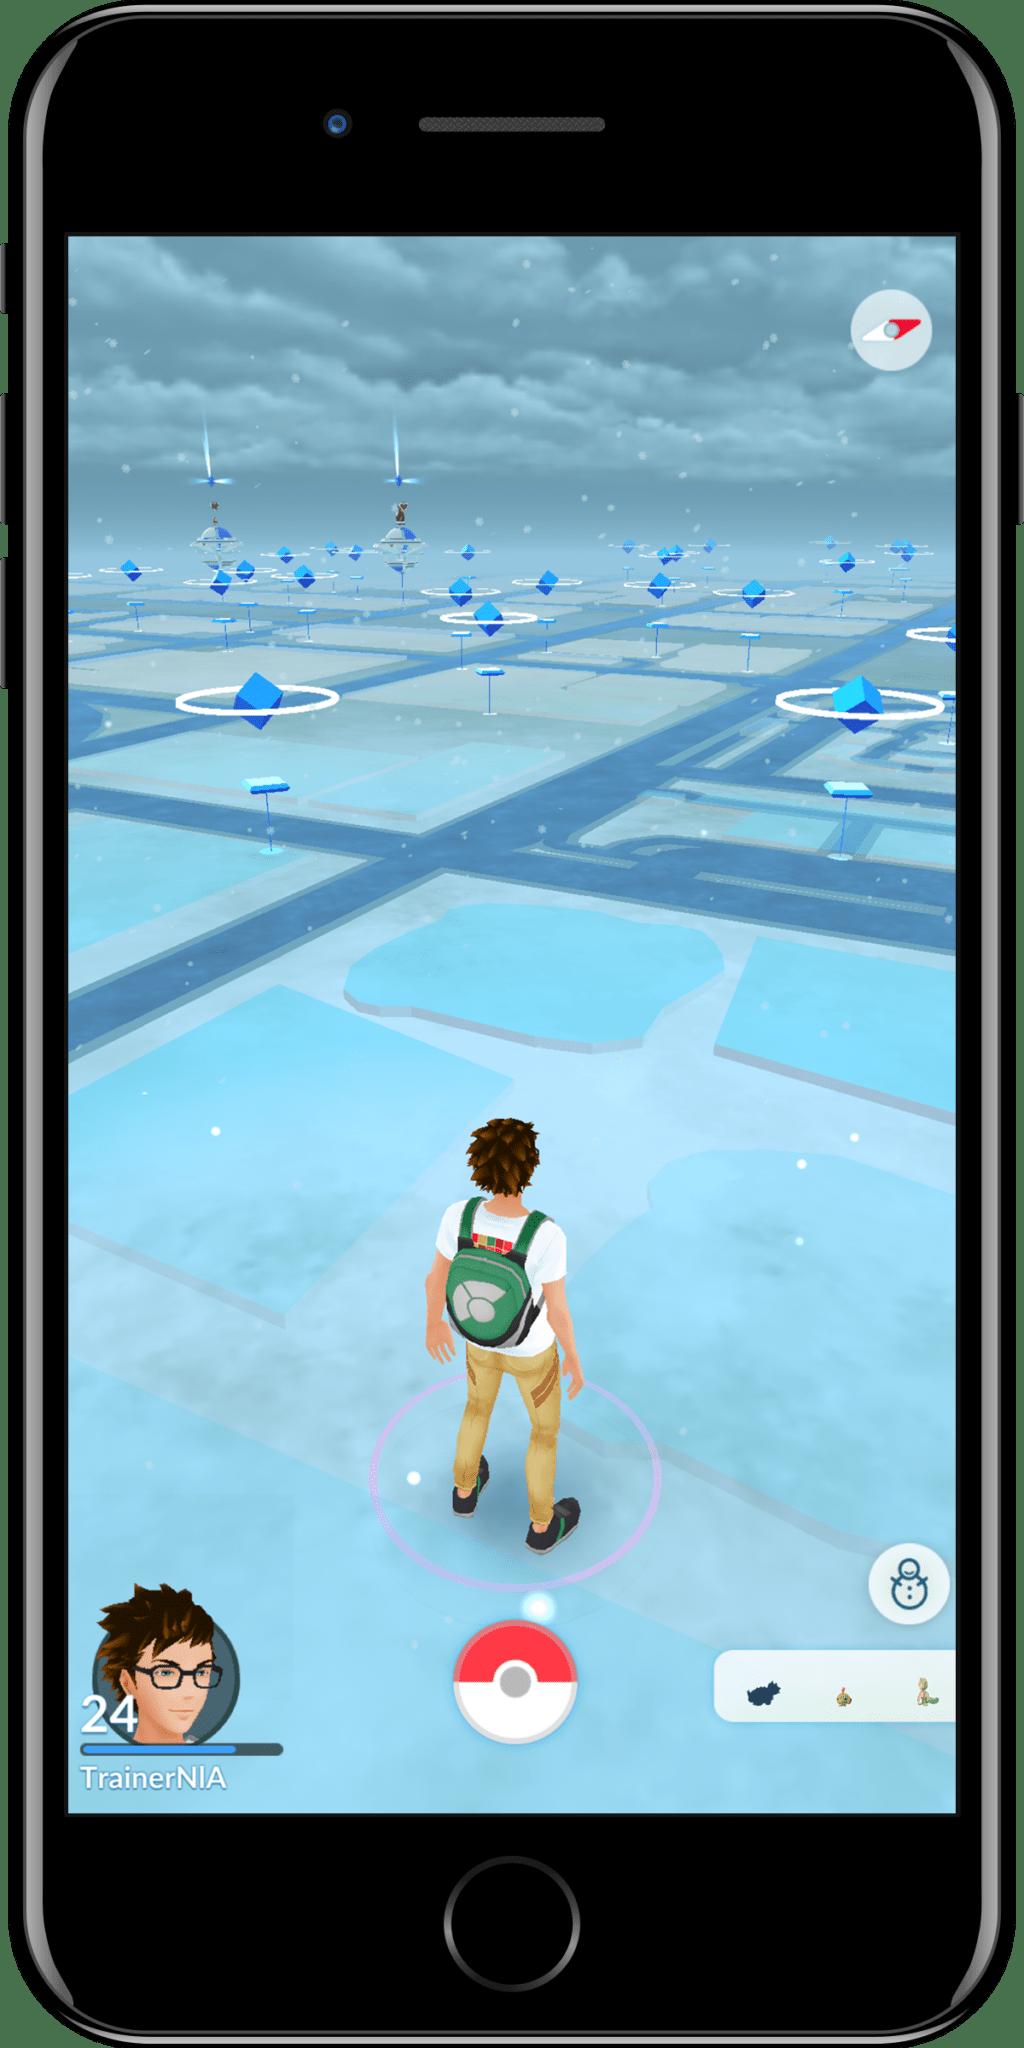 Clima nieve pokemon go